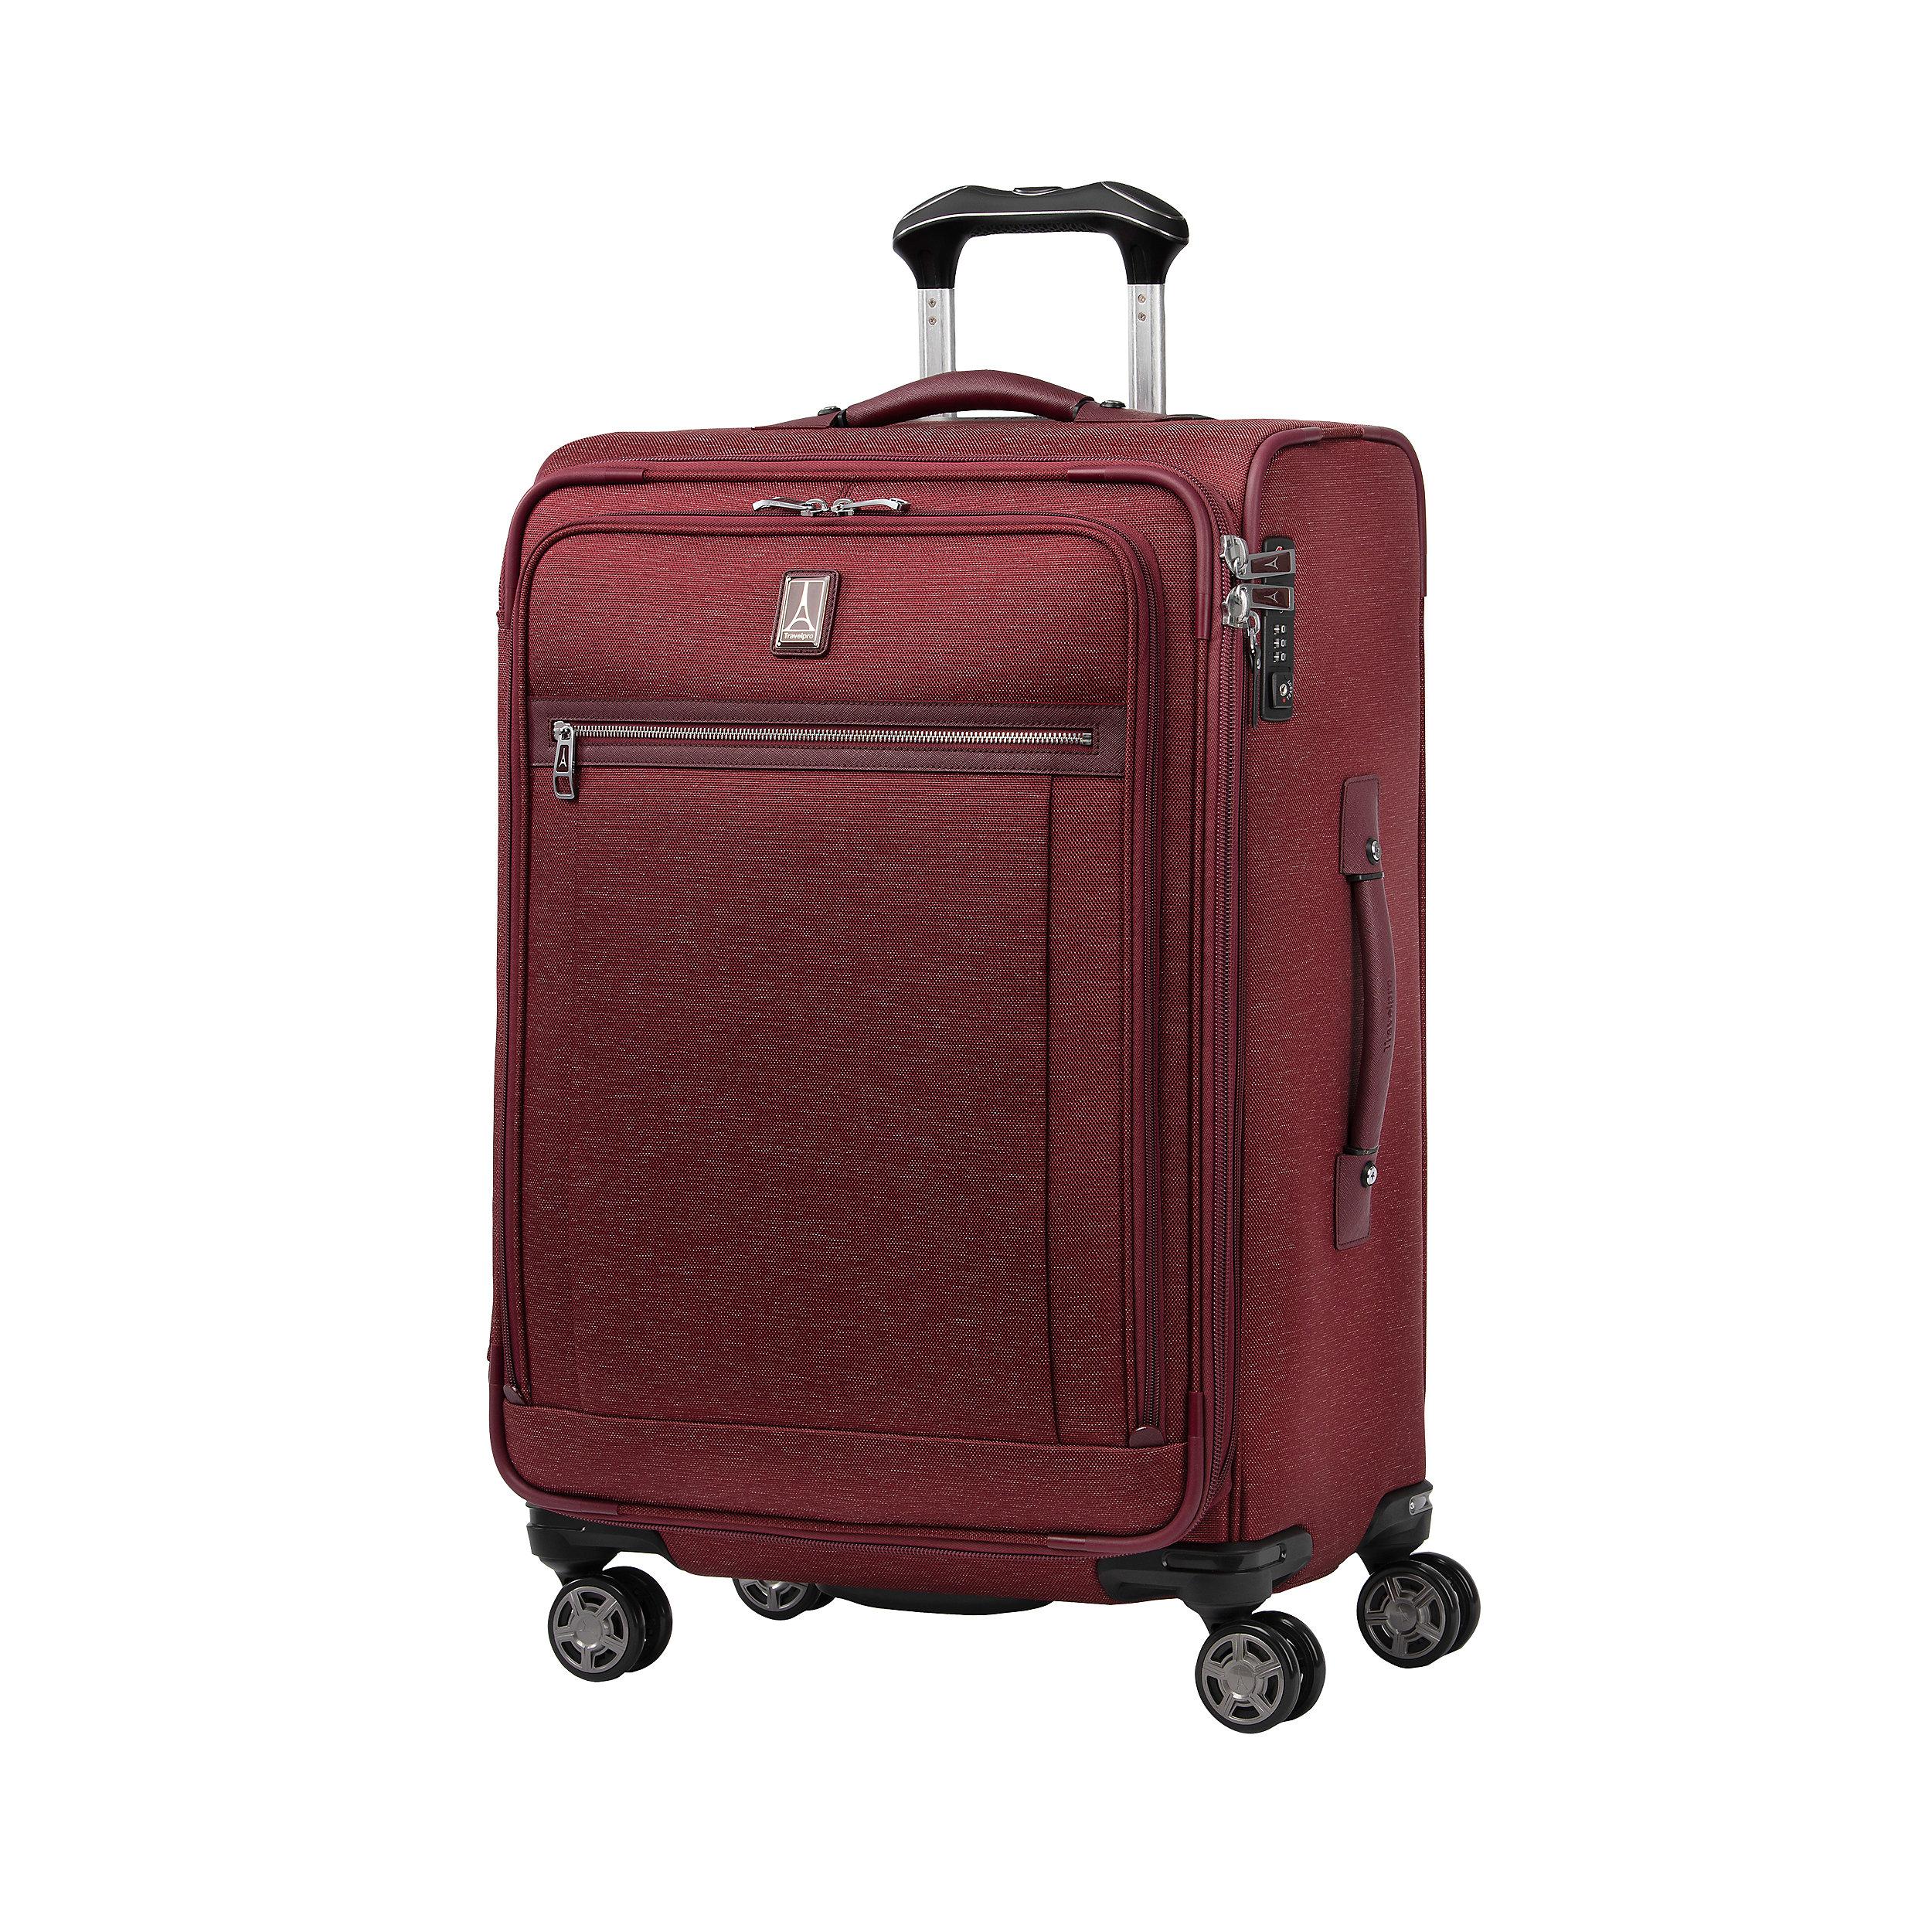 Suitcase with 4 wheels 71 cm Expandable Platinum Elite Large 97 Liter